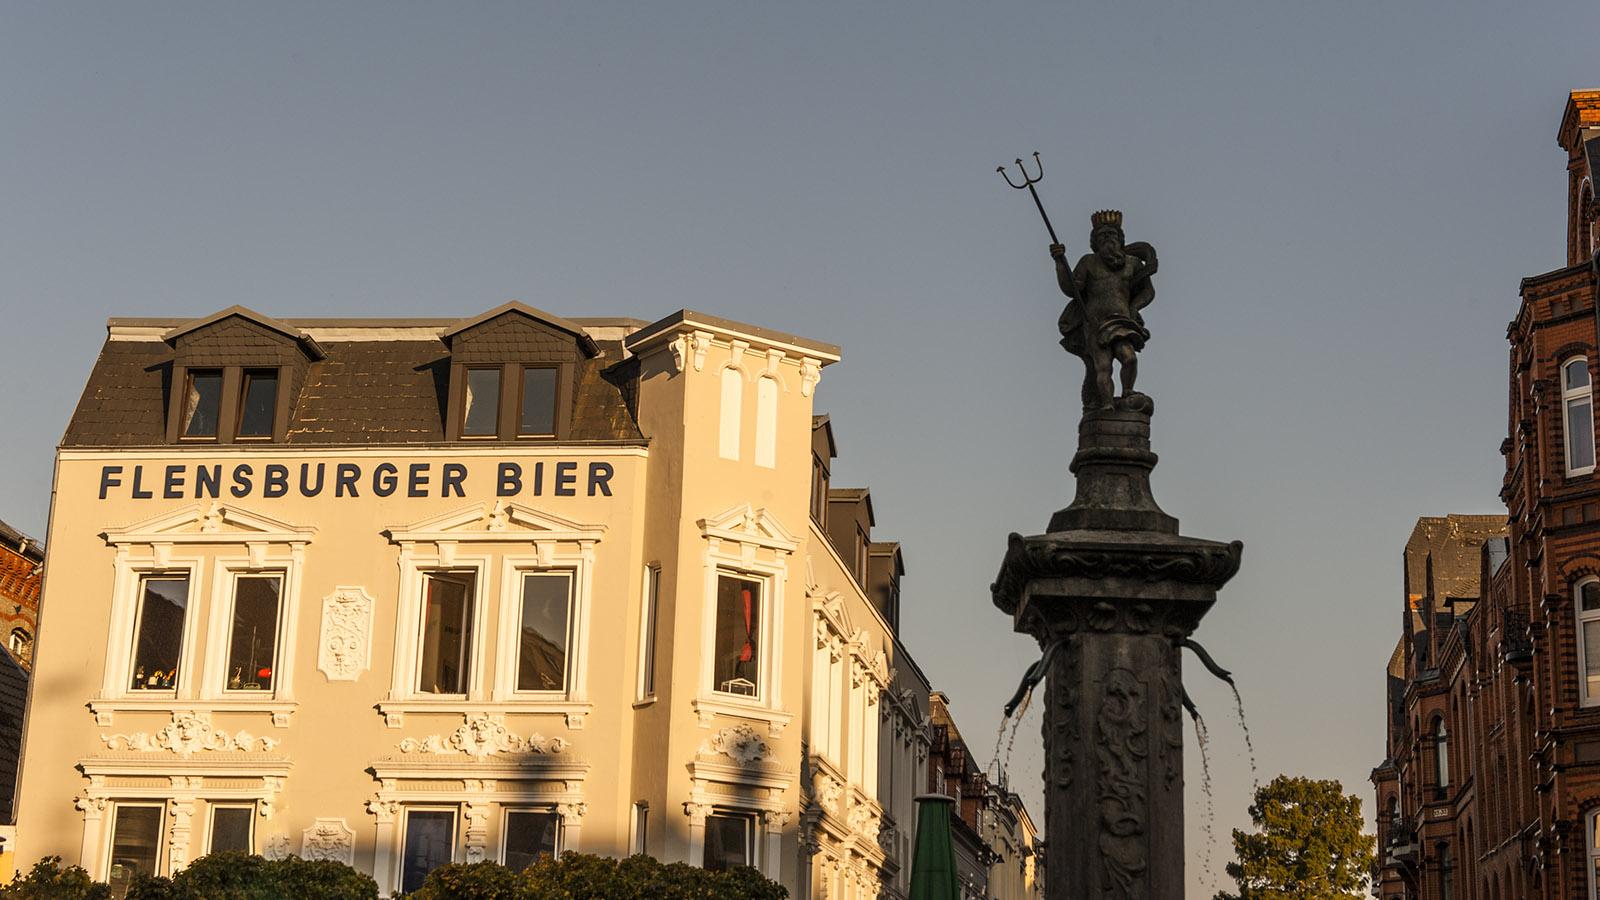 Arbeitgeber, Ausbilder und omnipräsent in der Stadt: die Flensburger Brauerei. Foto: Hilke Maunder